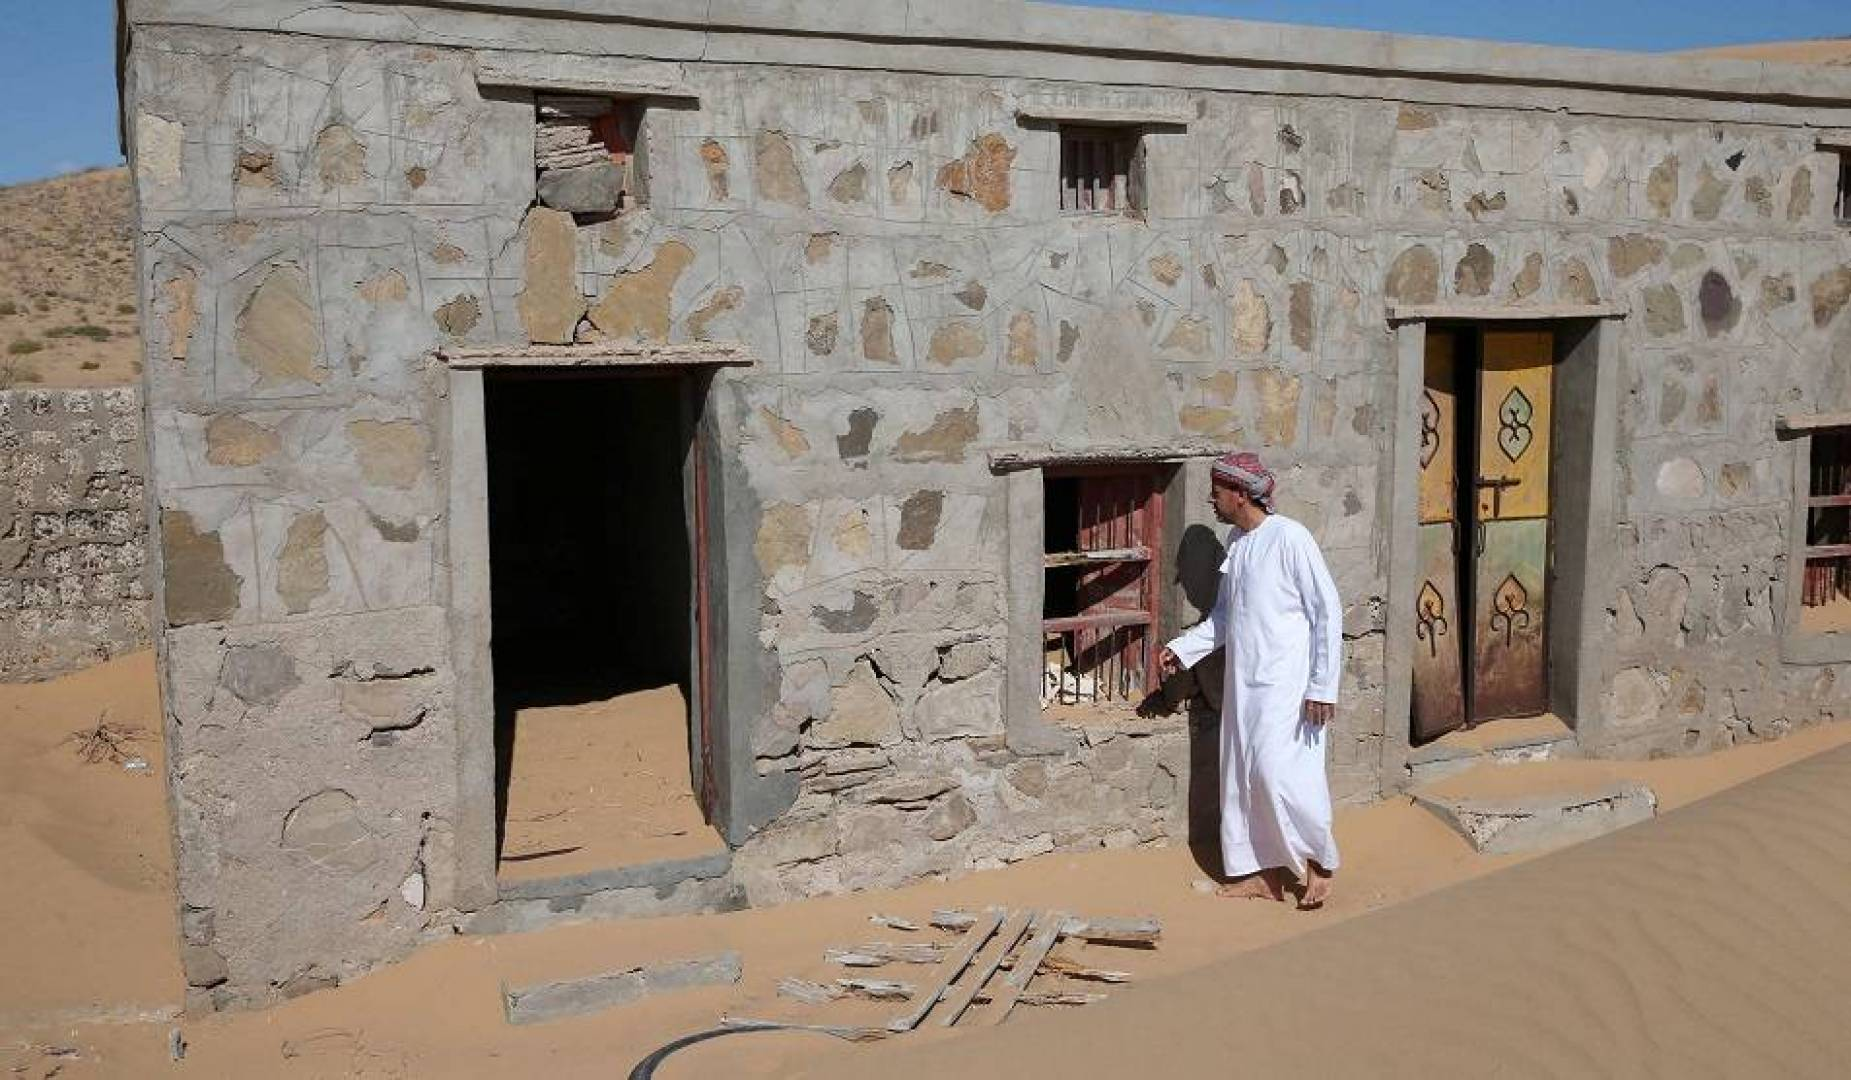 عُمانيون يسعون لإعادة الحياة إلى قرية طمستها رمال الصحراء قبل 30 عاماً